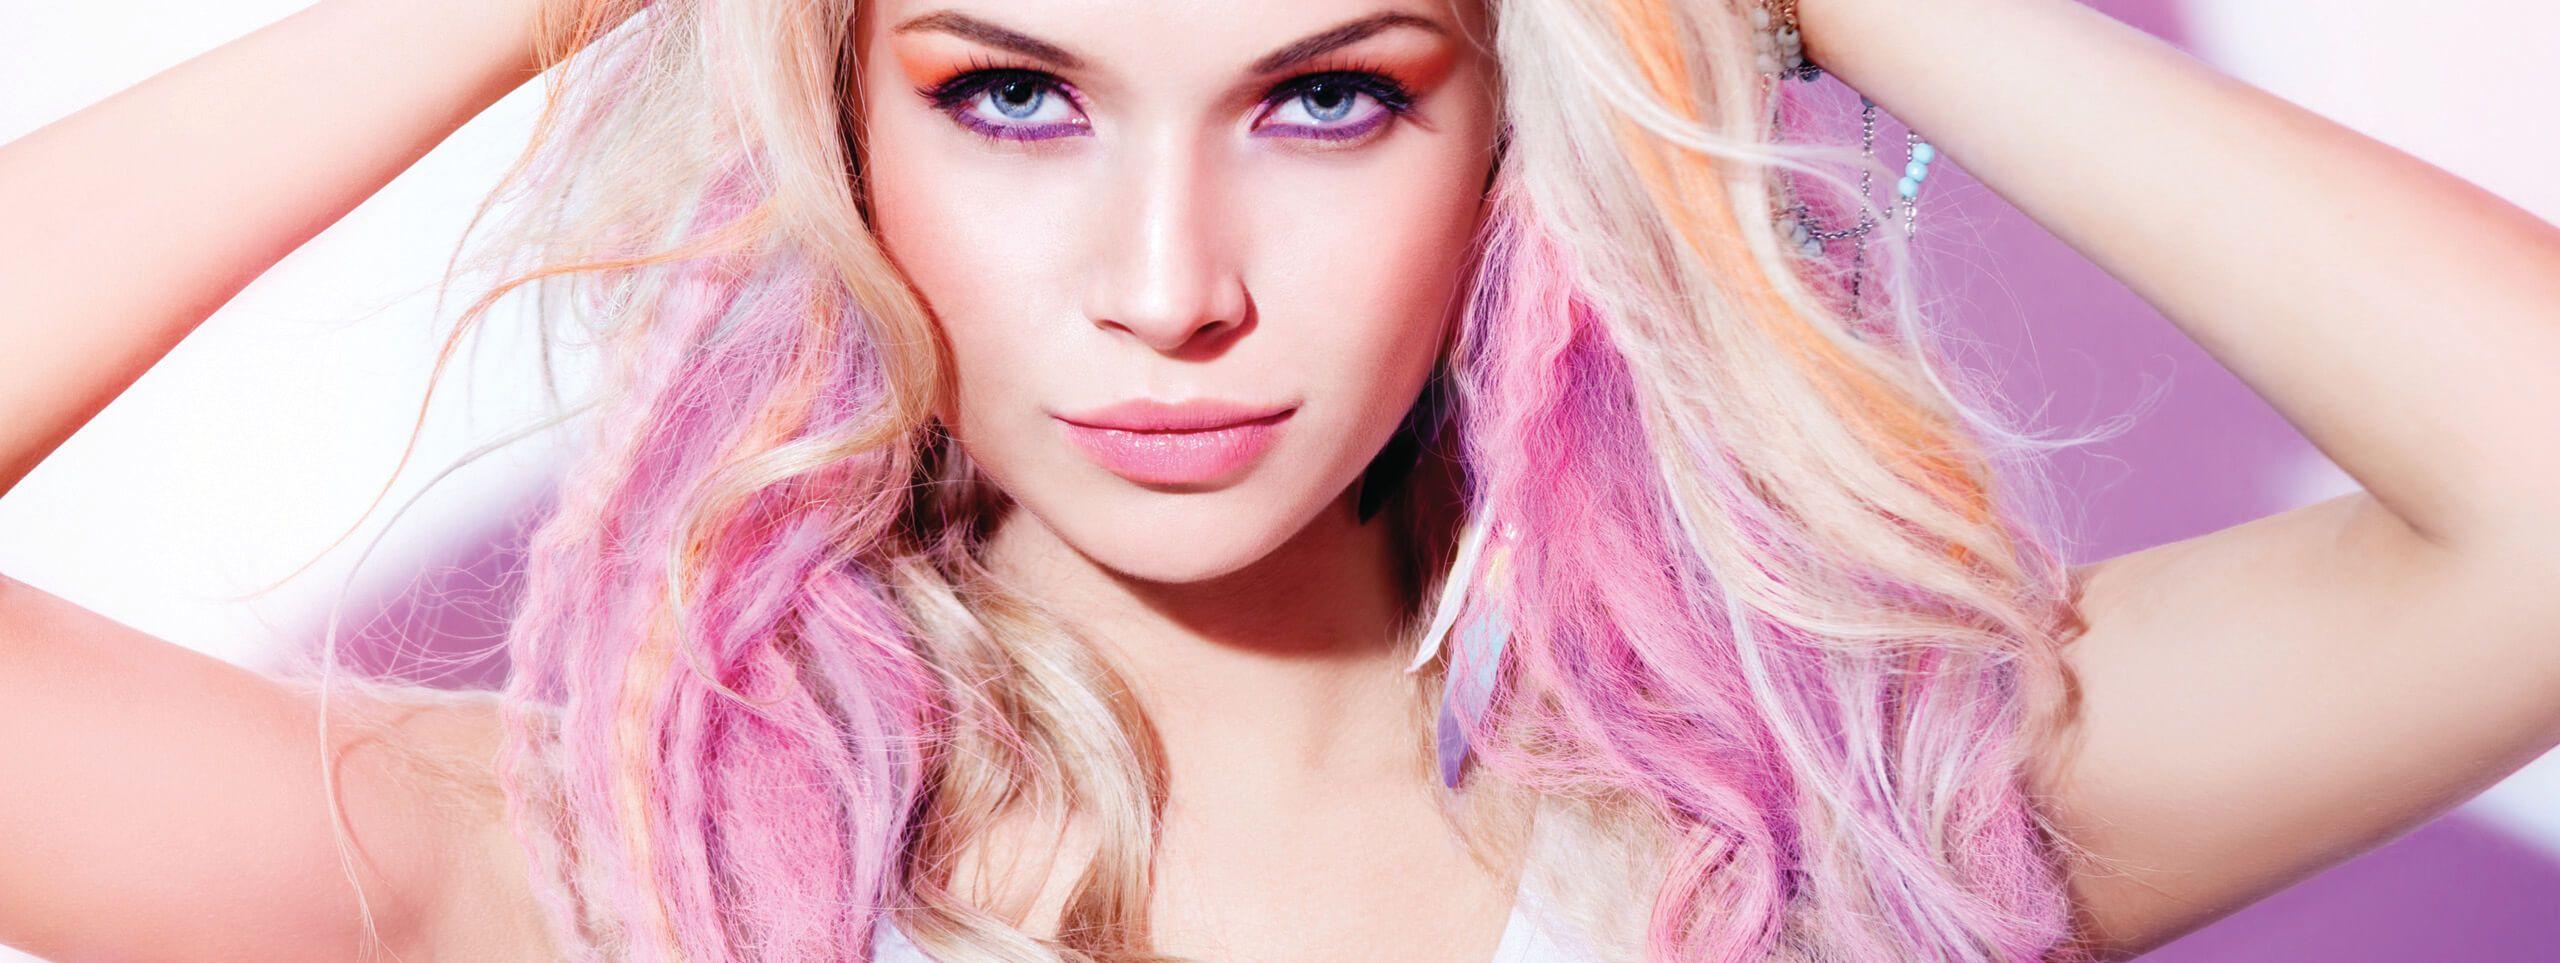 Jessie J rocks unusual hair color trend